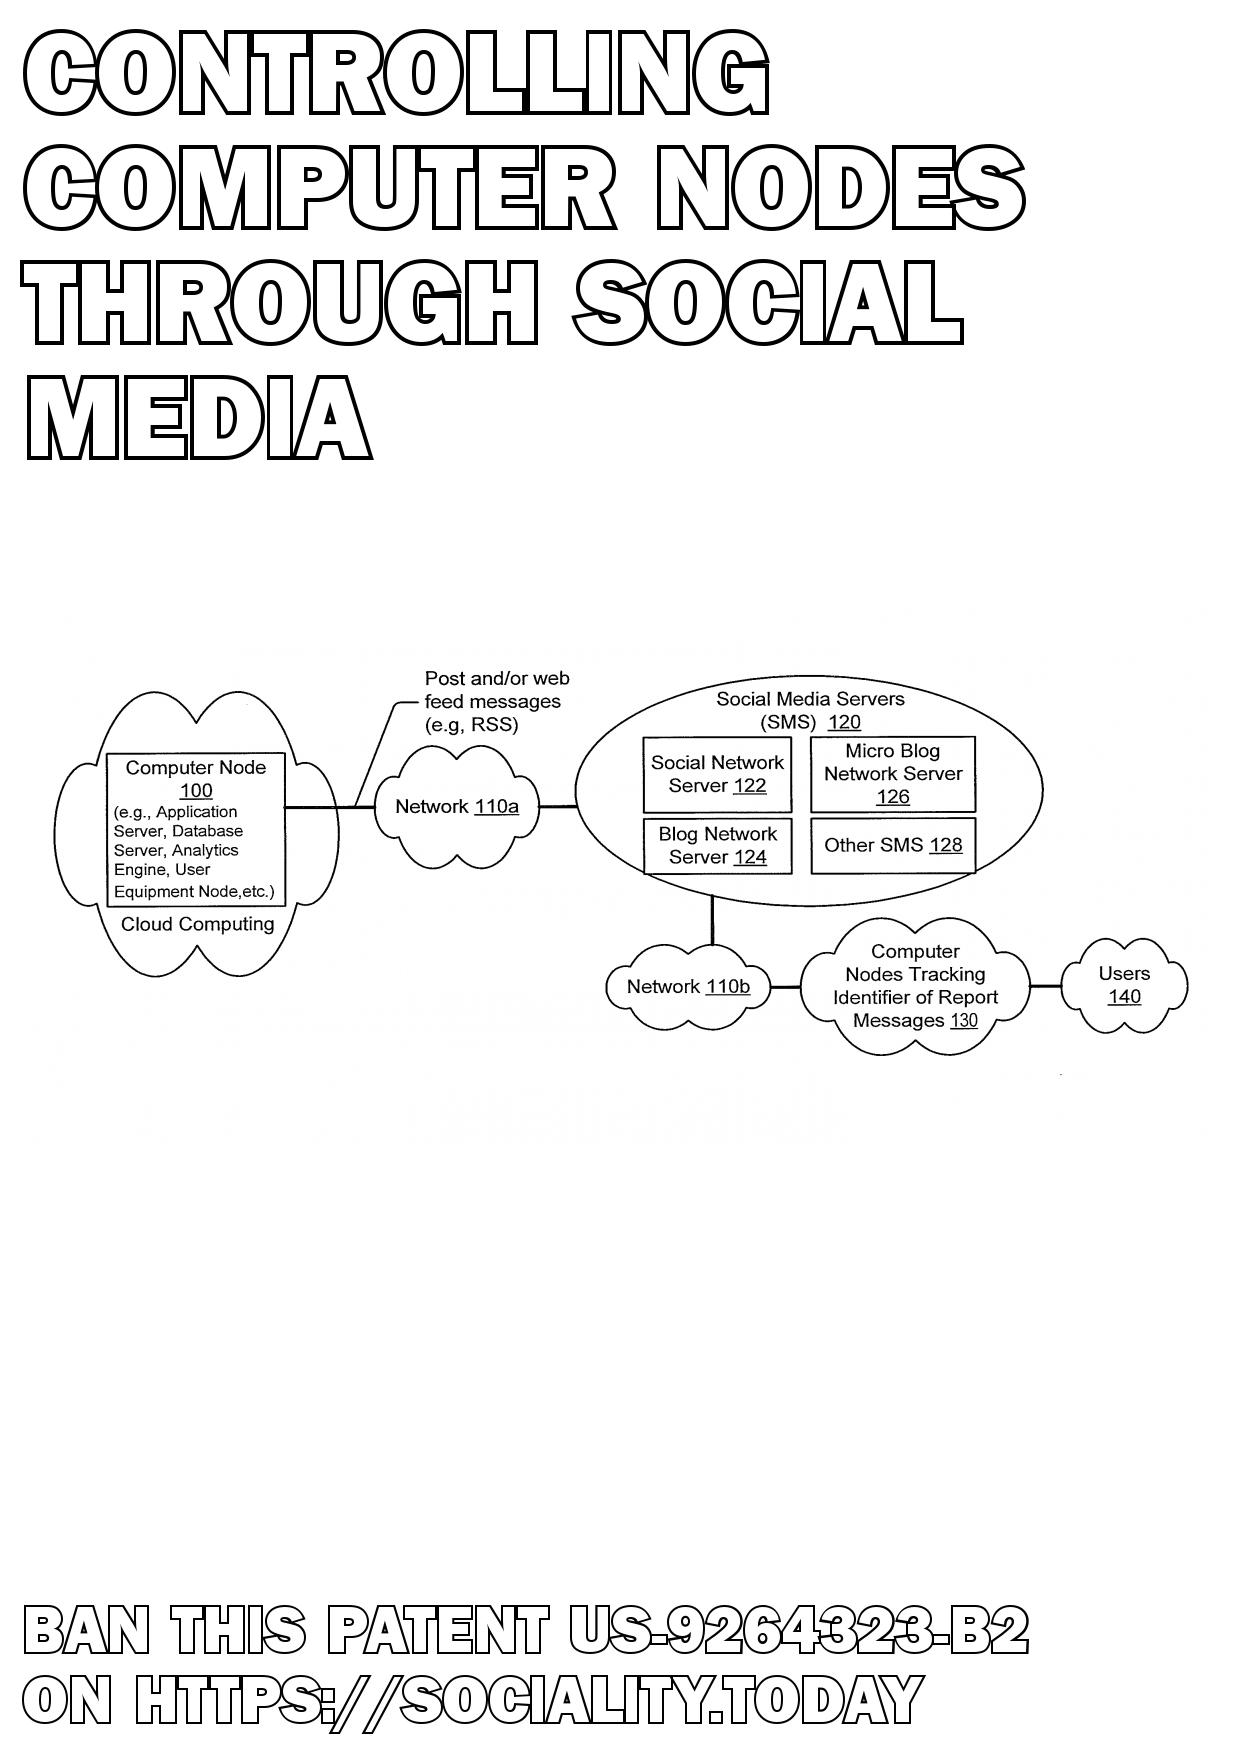 SOCIALITY - Controlling Computer Nodes Through Social Media